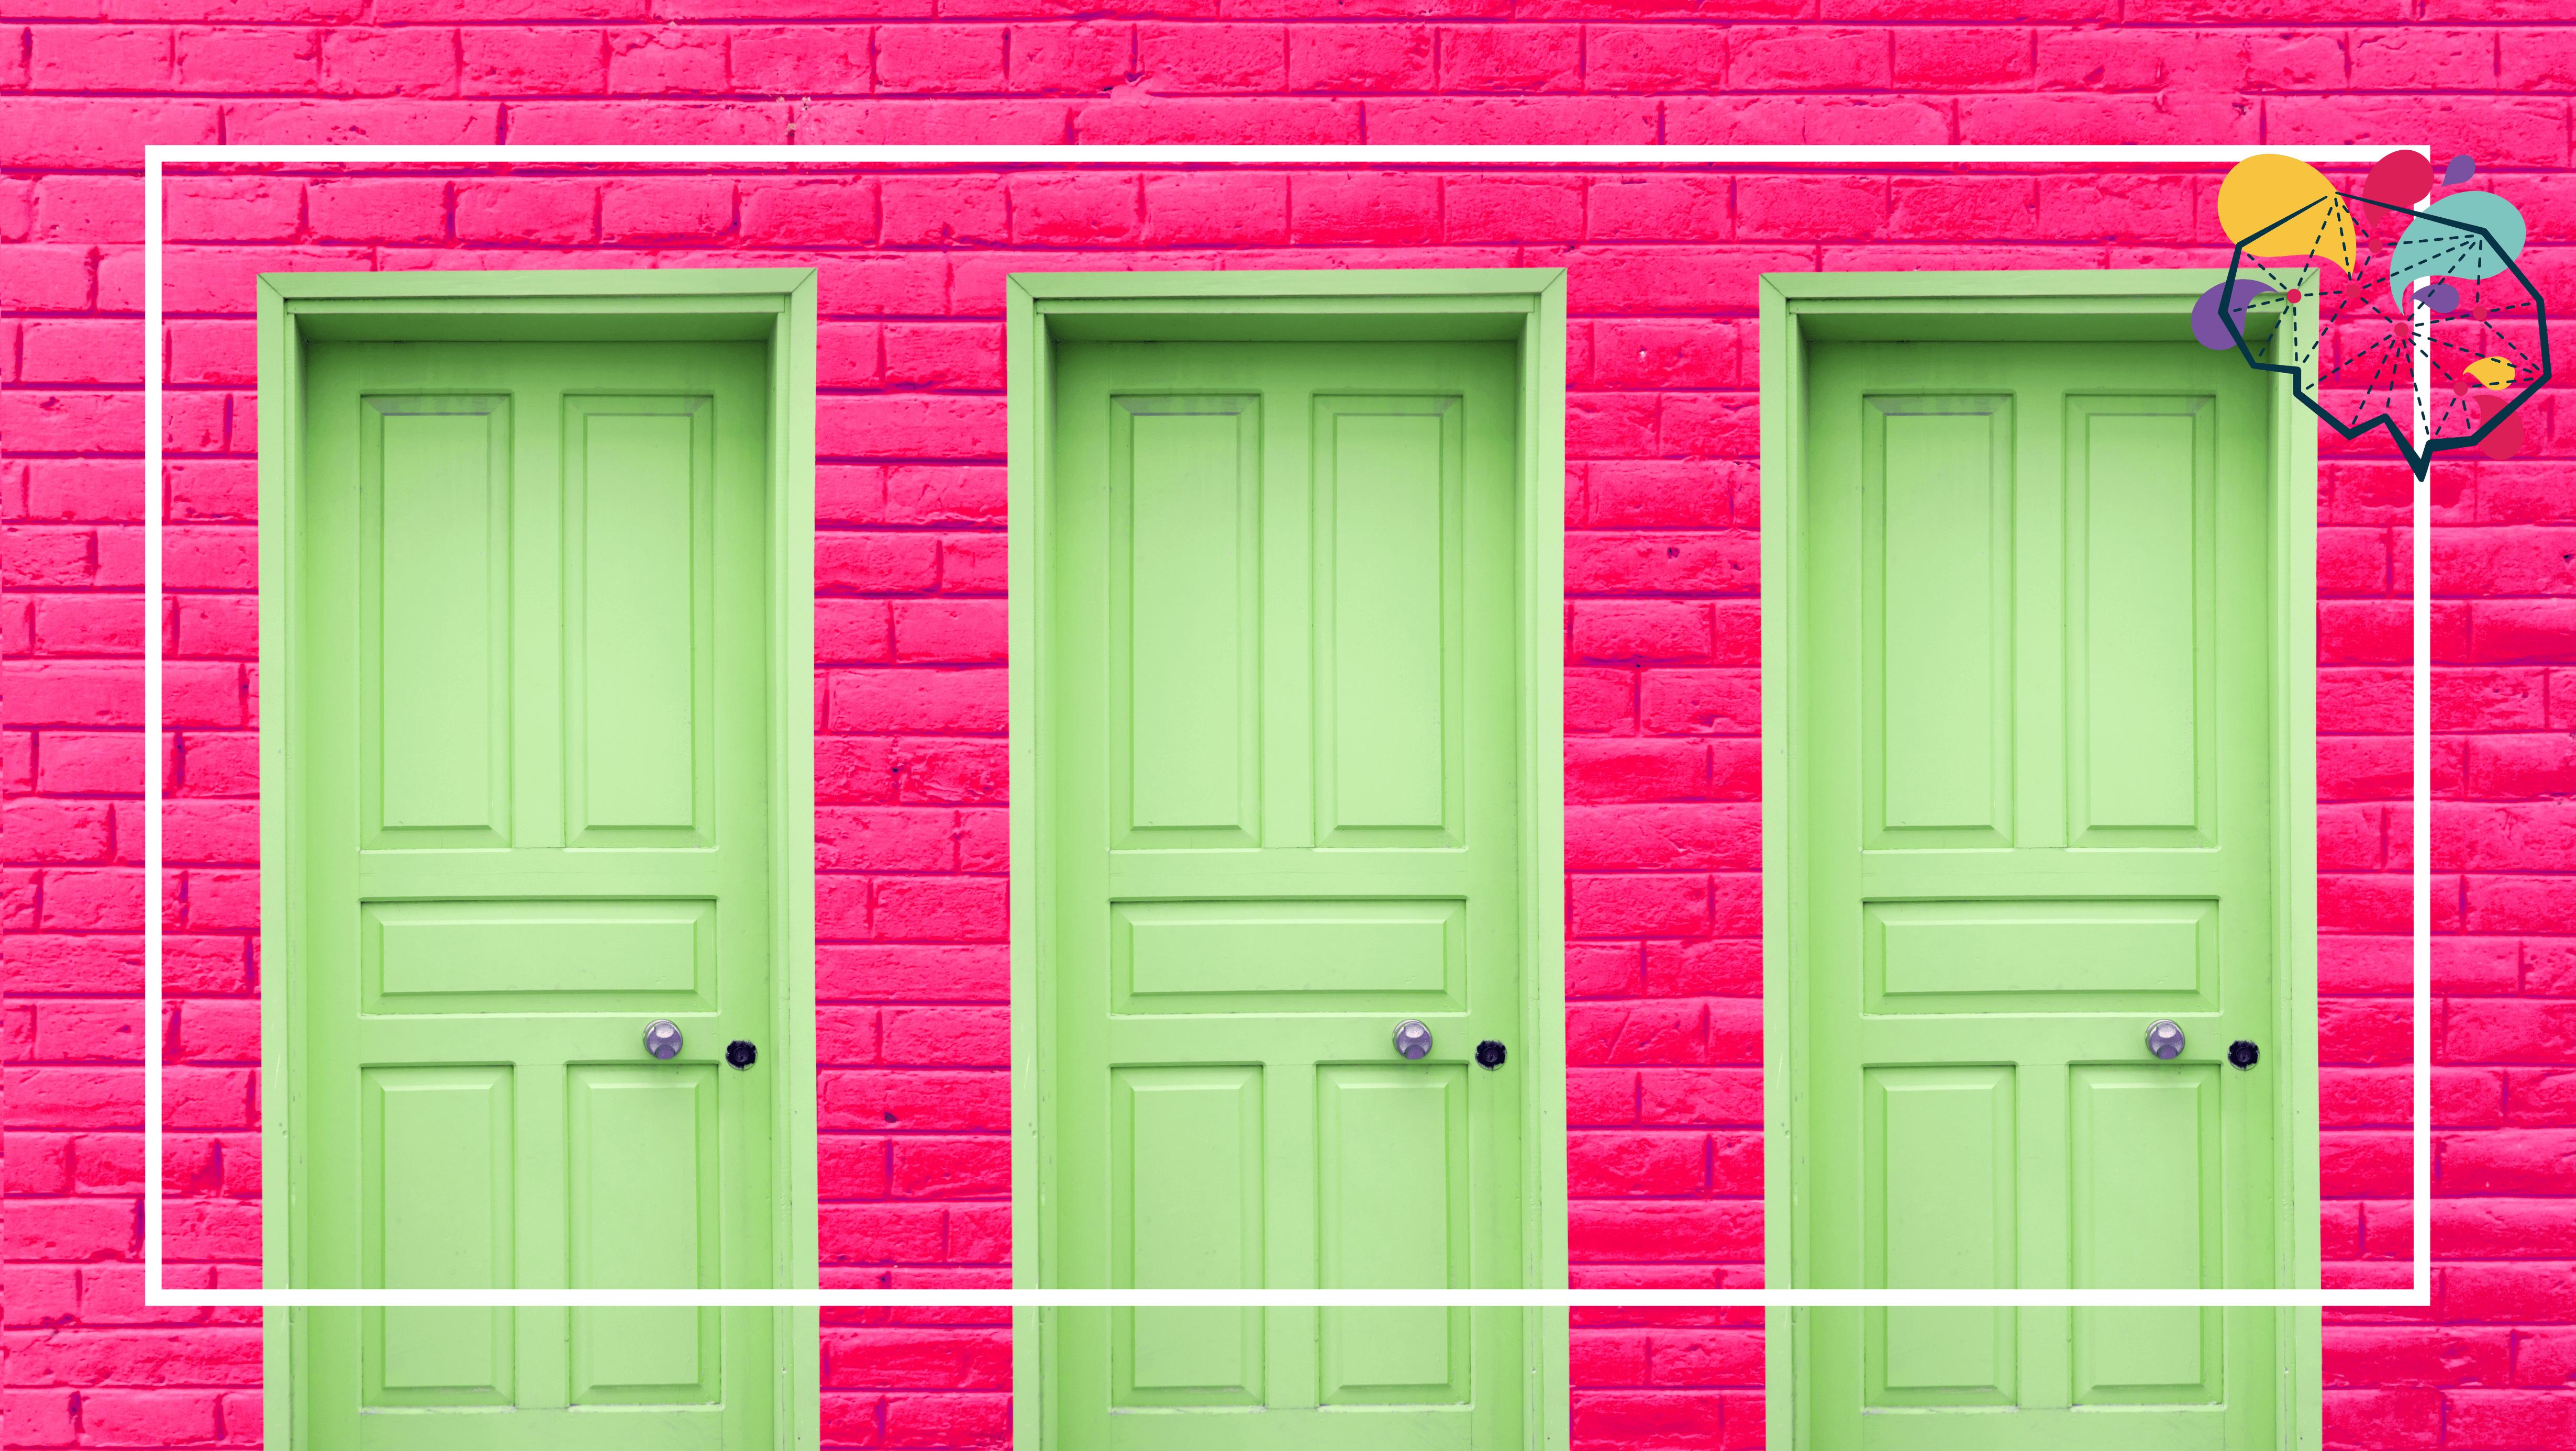 Trois portes vertes fermées.